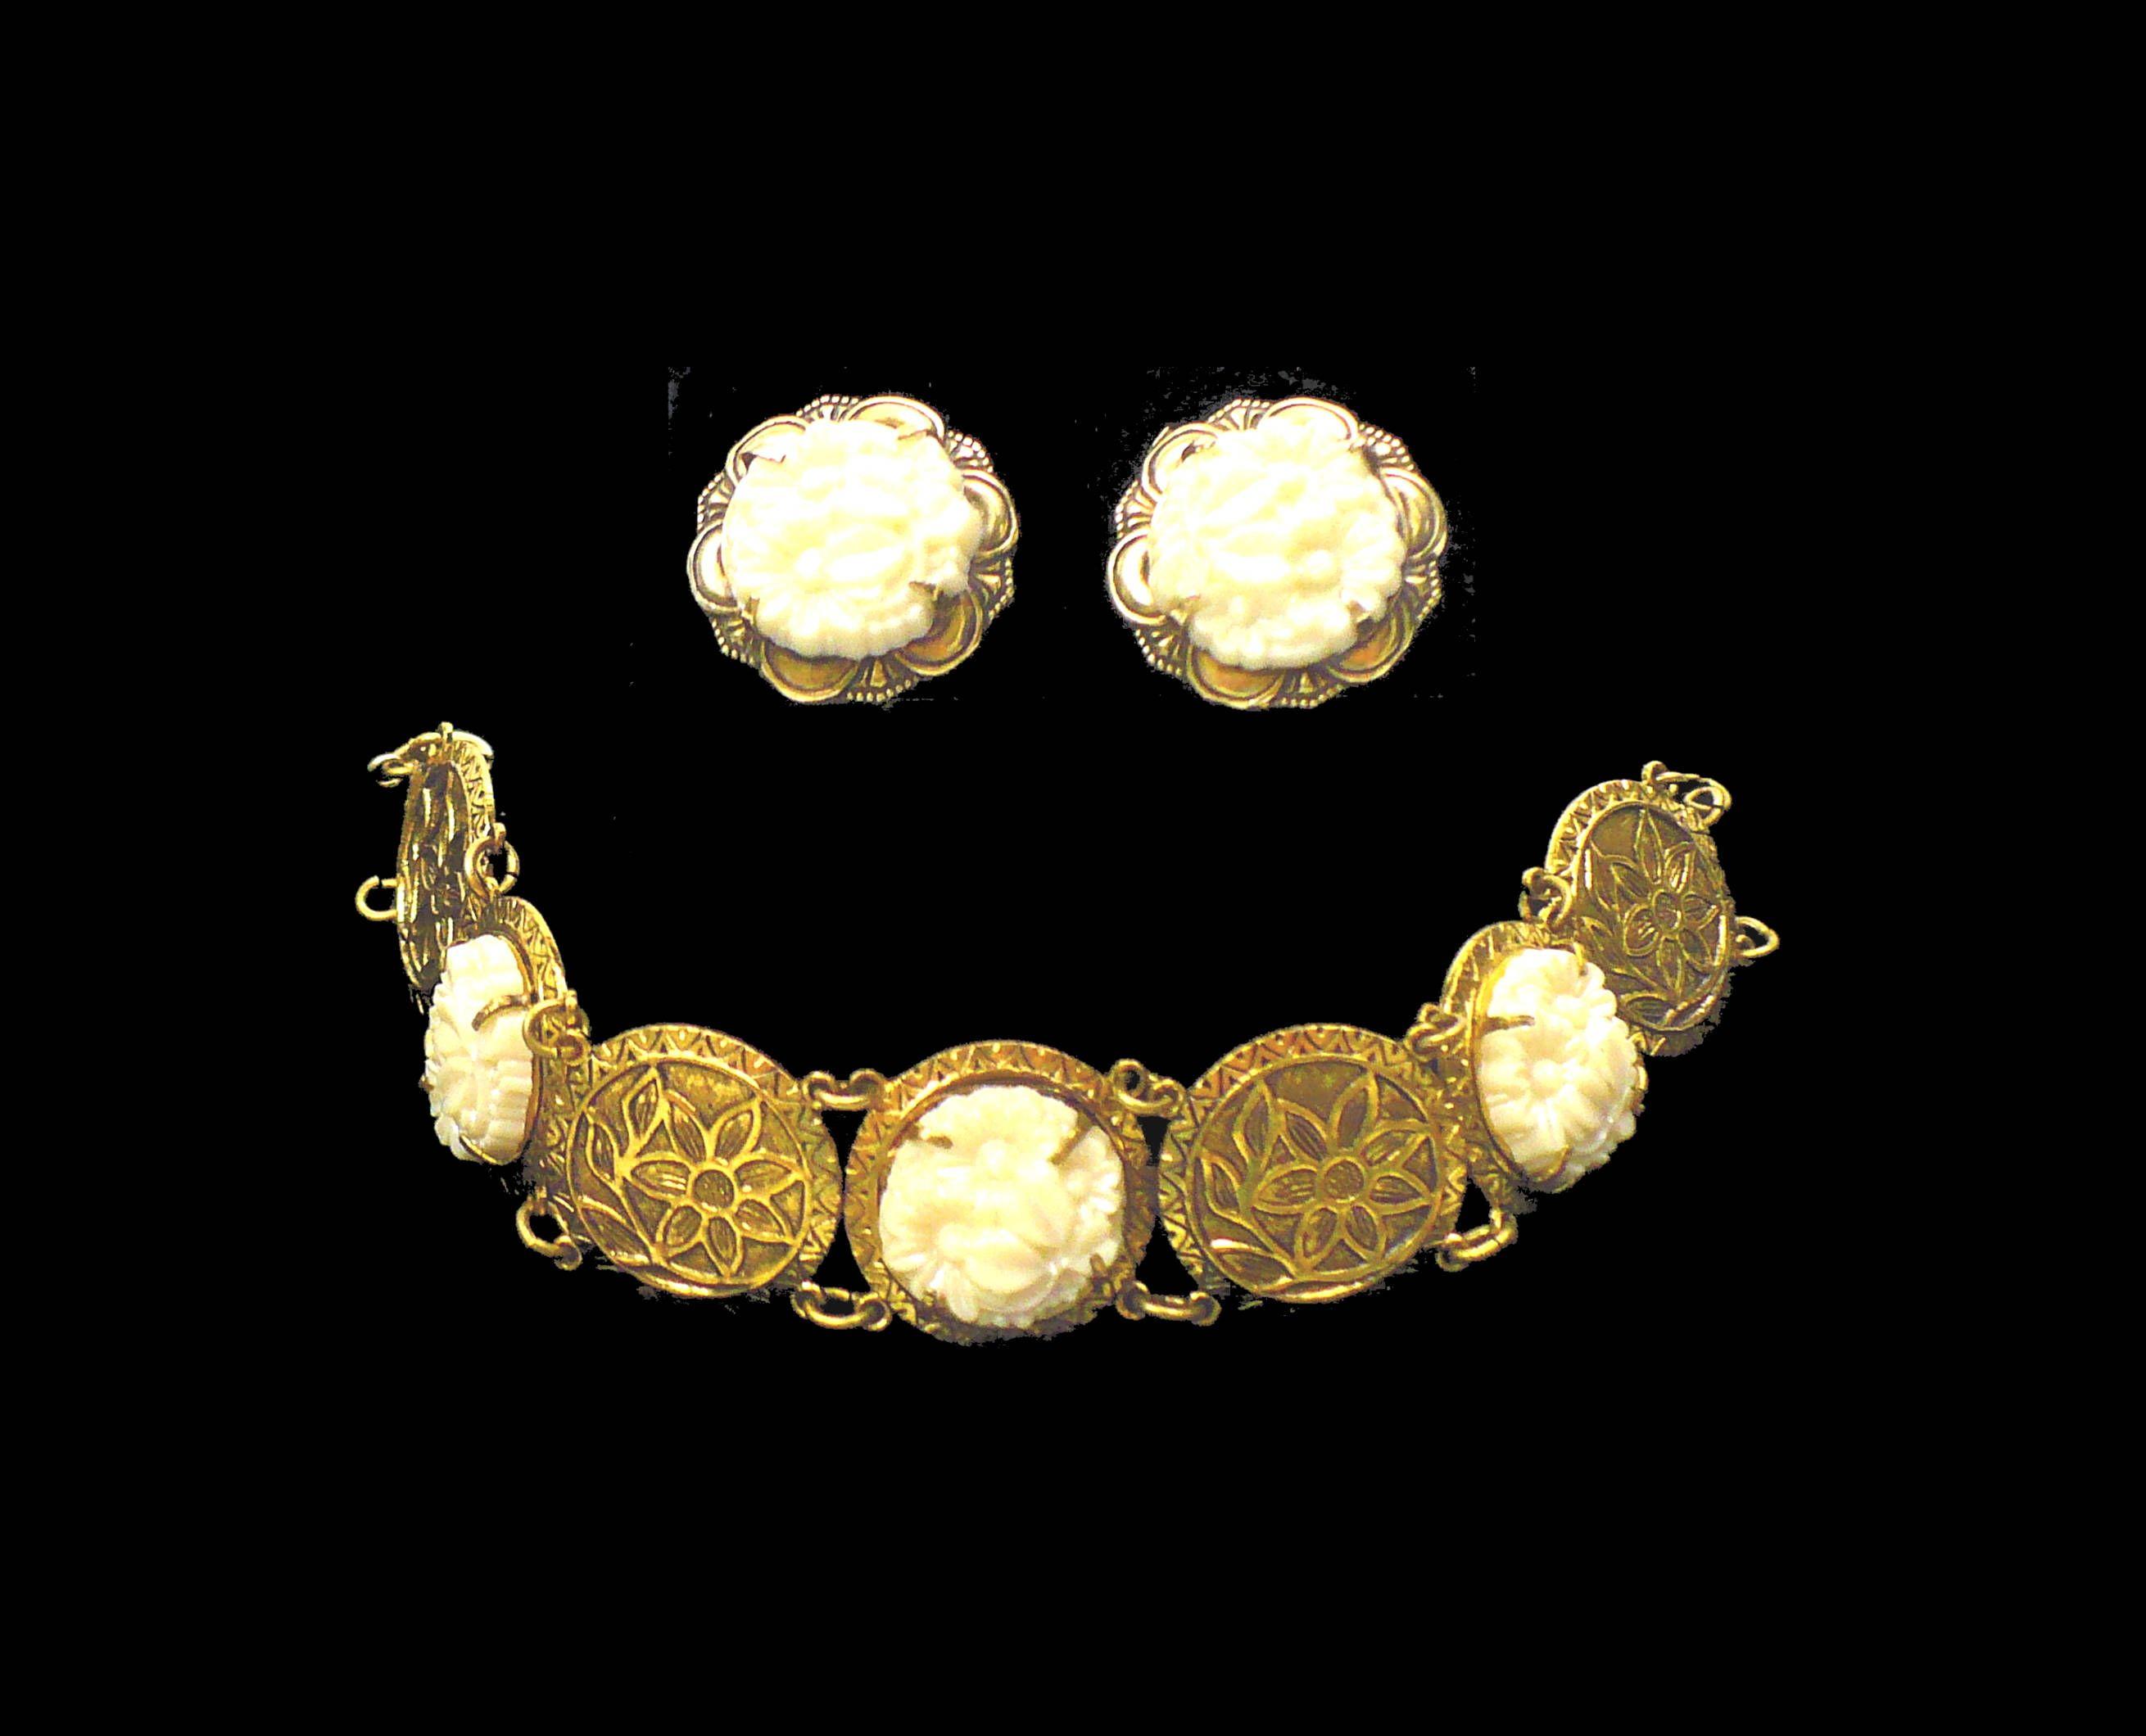 S off white celluloid flowers bracelet u earrings set gold